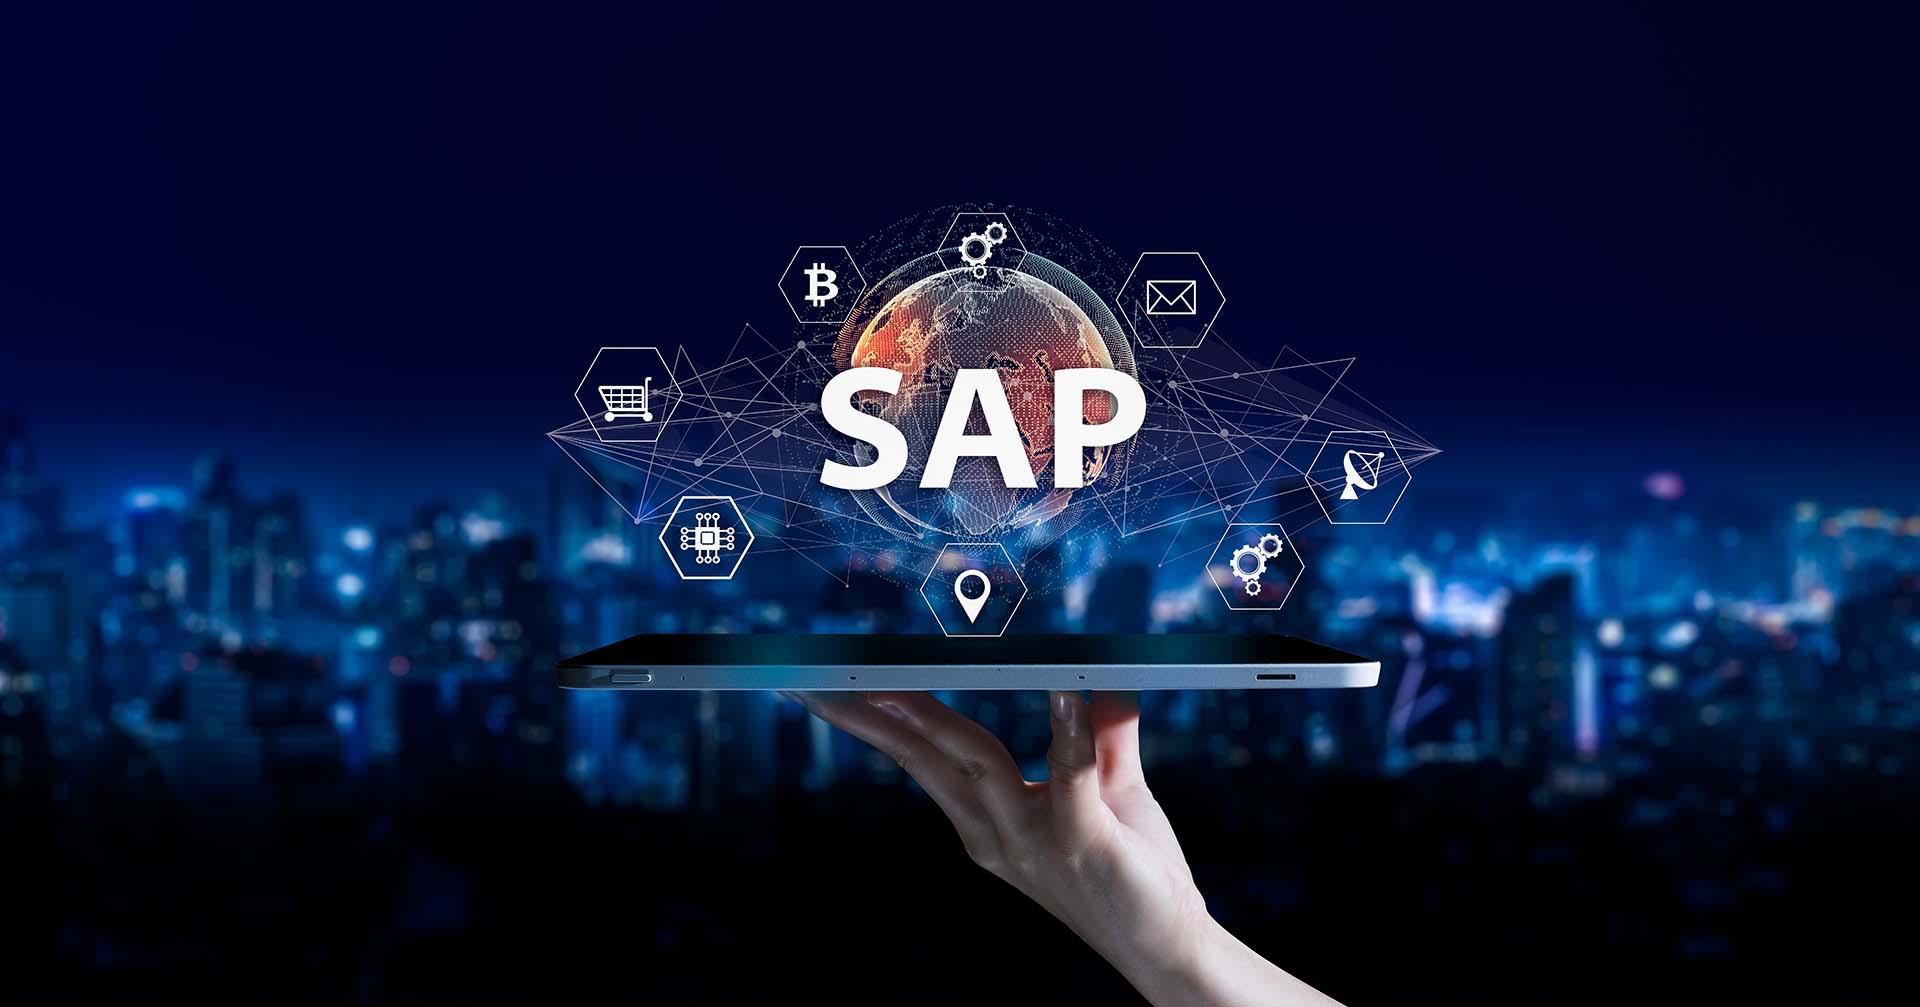 SAP導入の流れ・基礎知識を徹底解説!失敗しないためのポイントは?